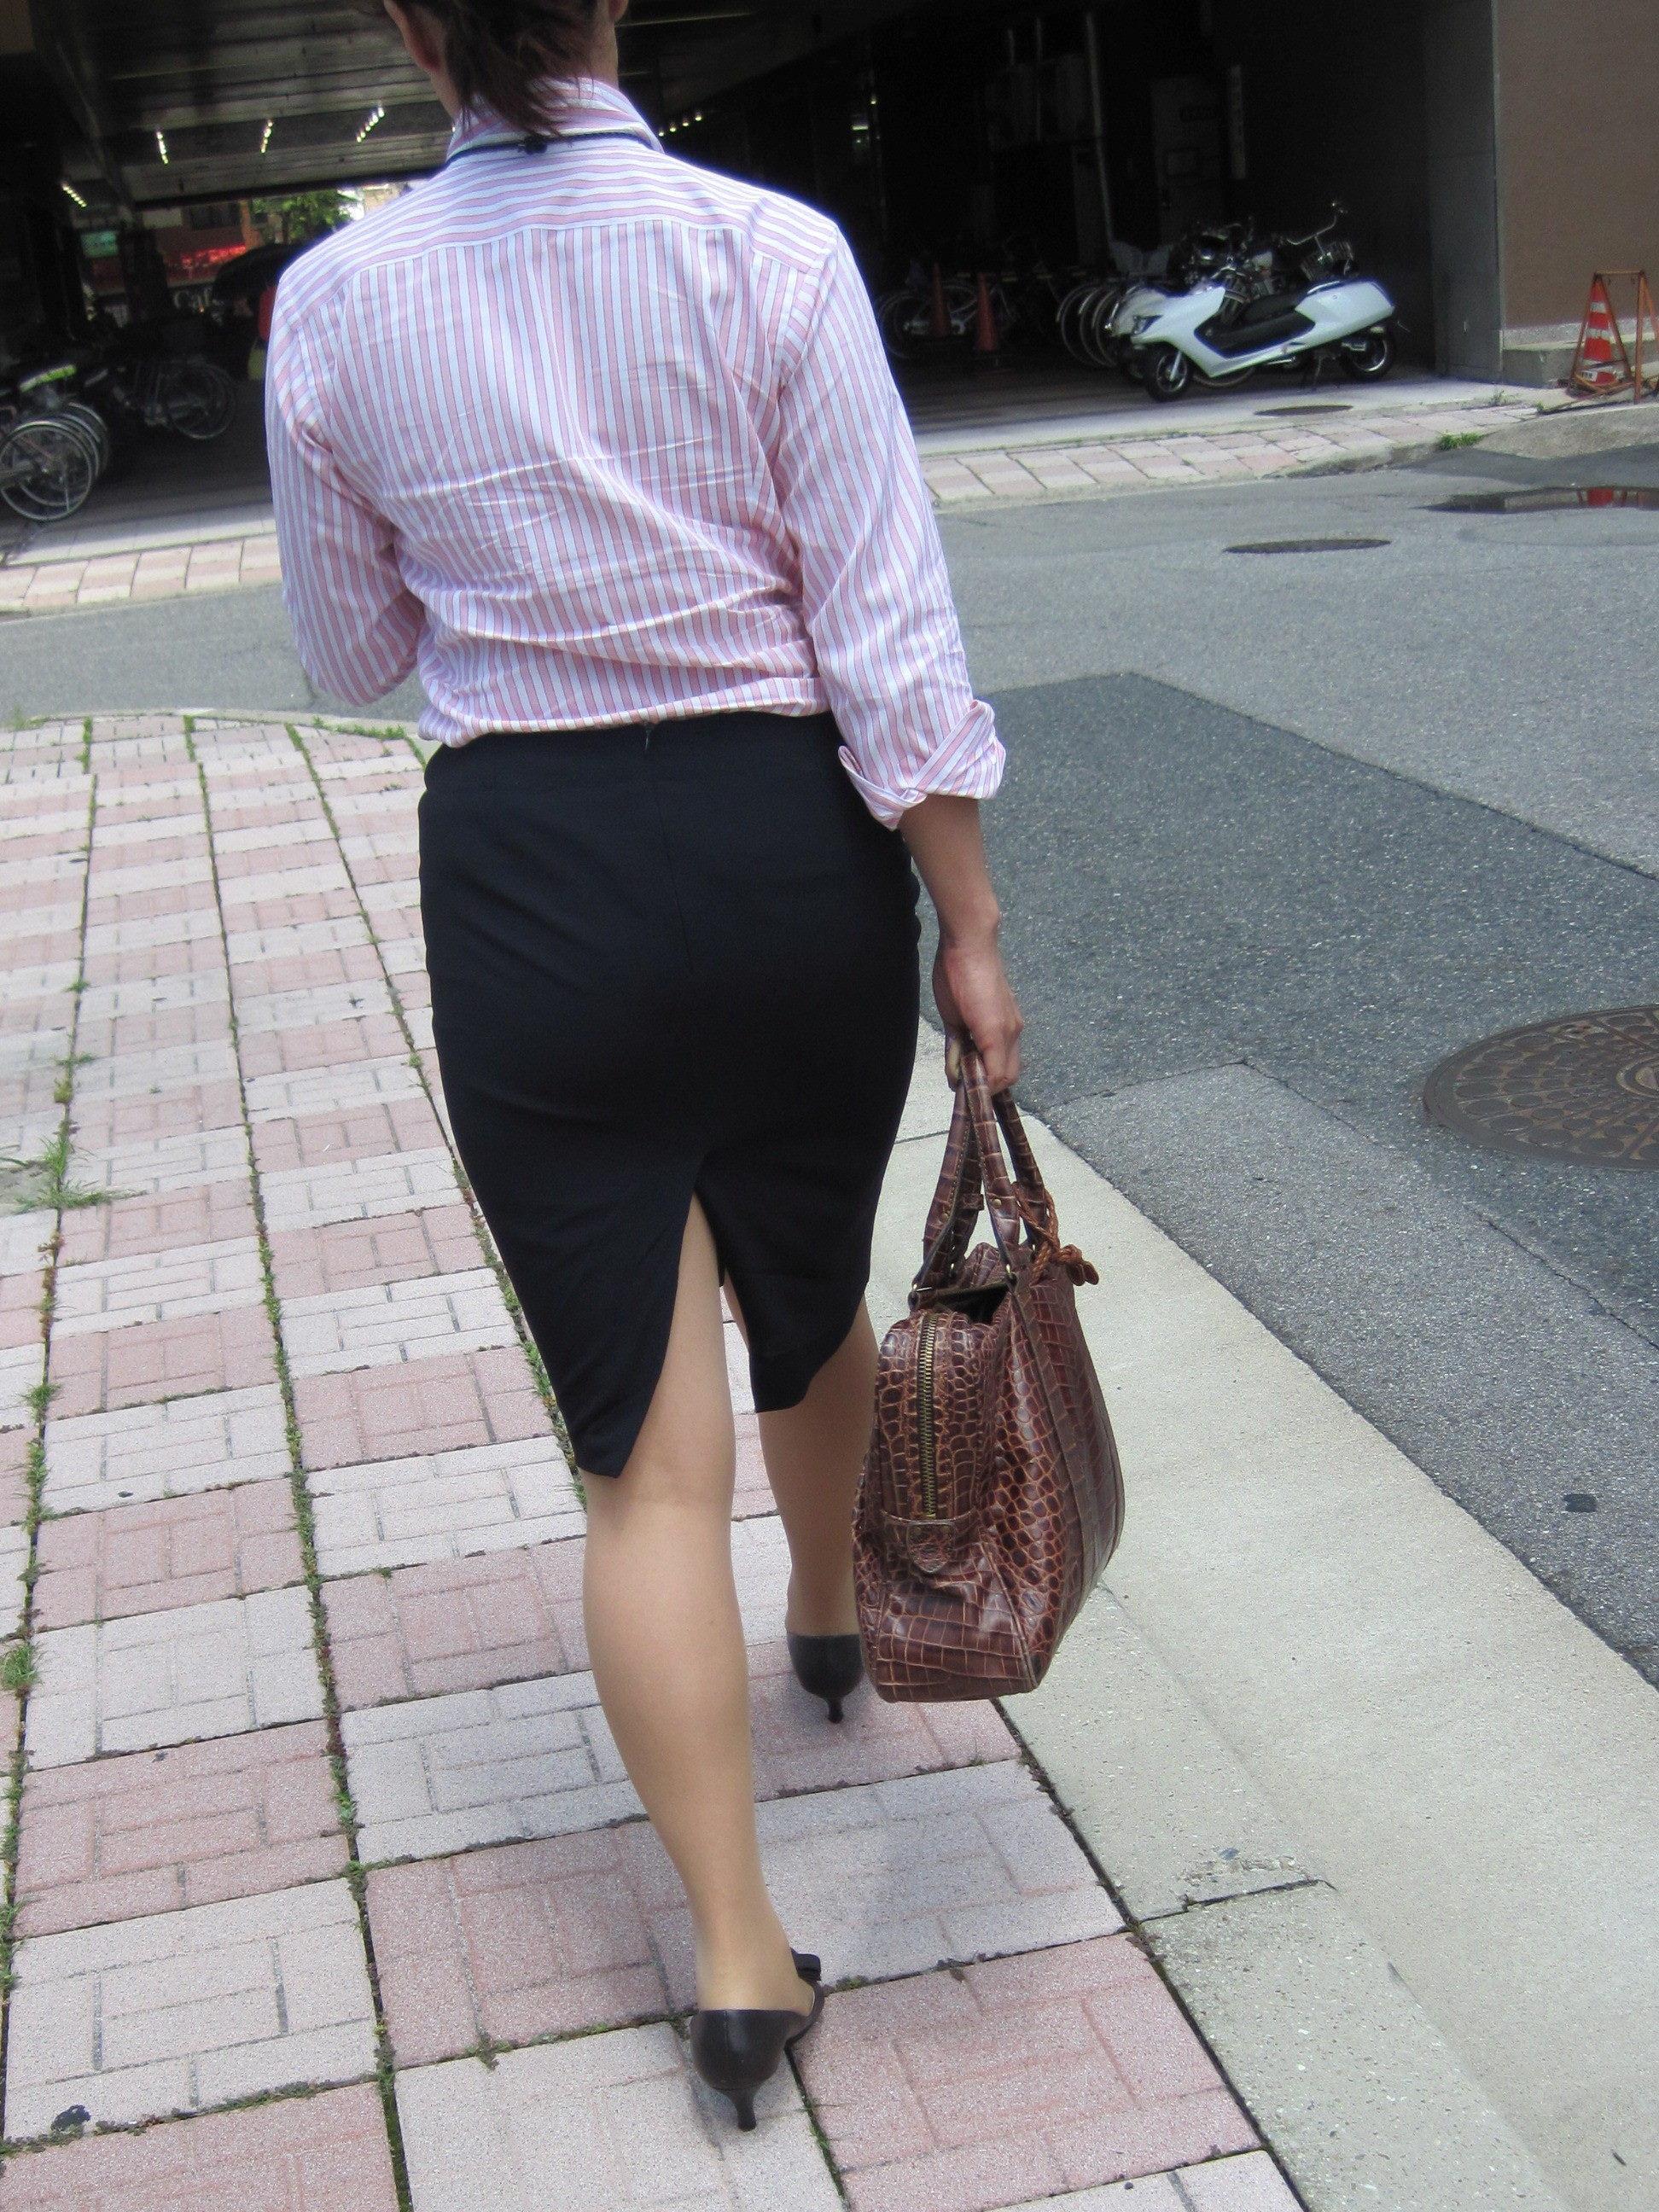 【街撮りOL画像】思わず追跡したwwwタイトスカートに包まれたムチムチ尻 02